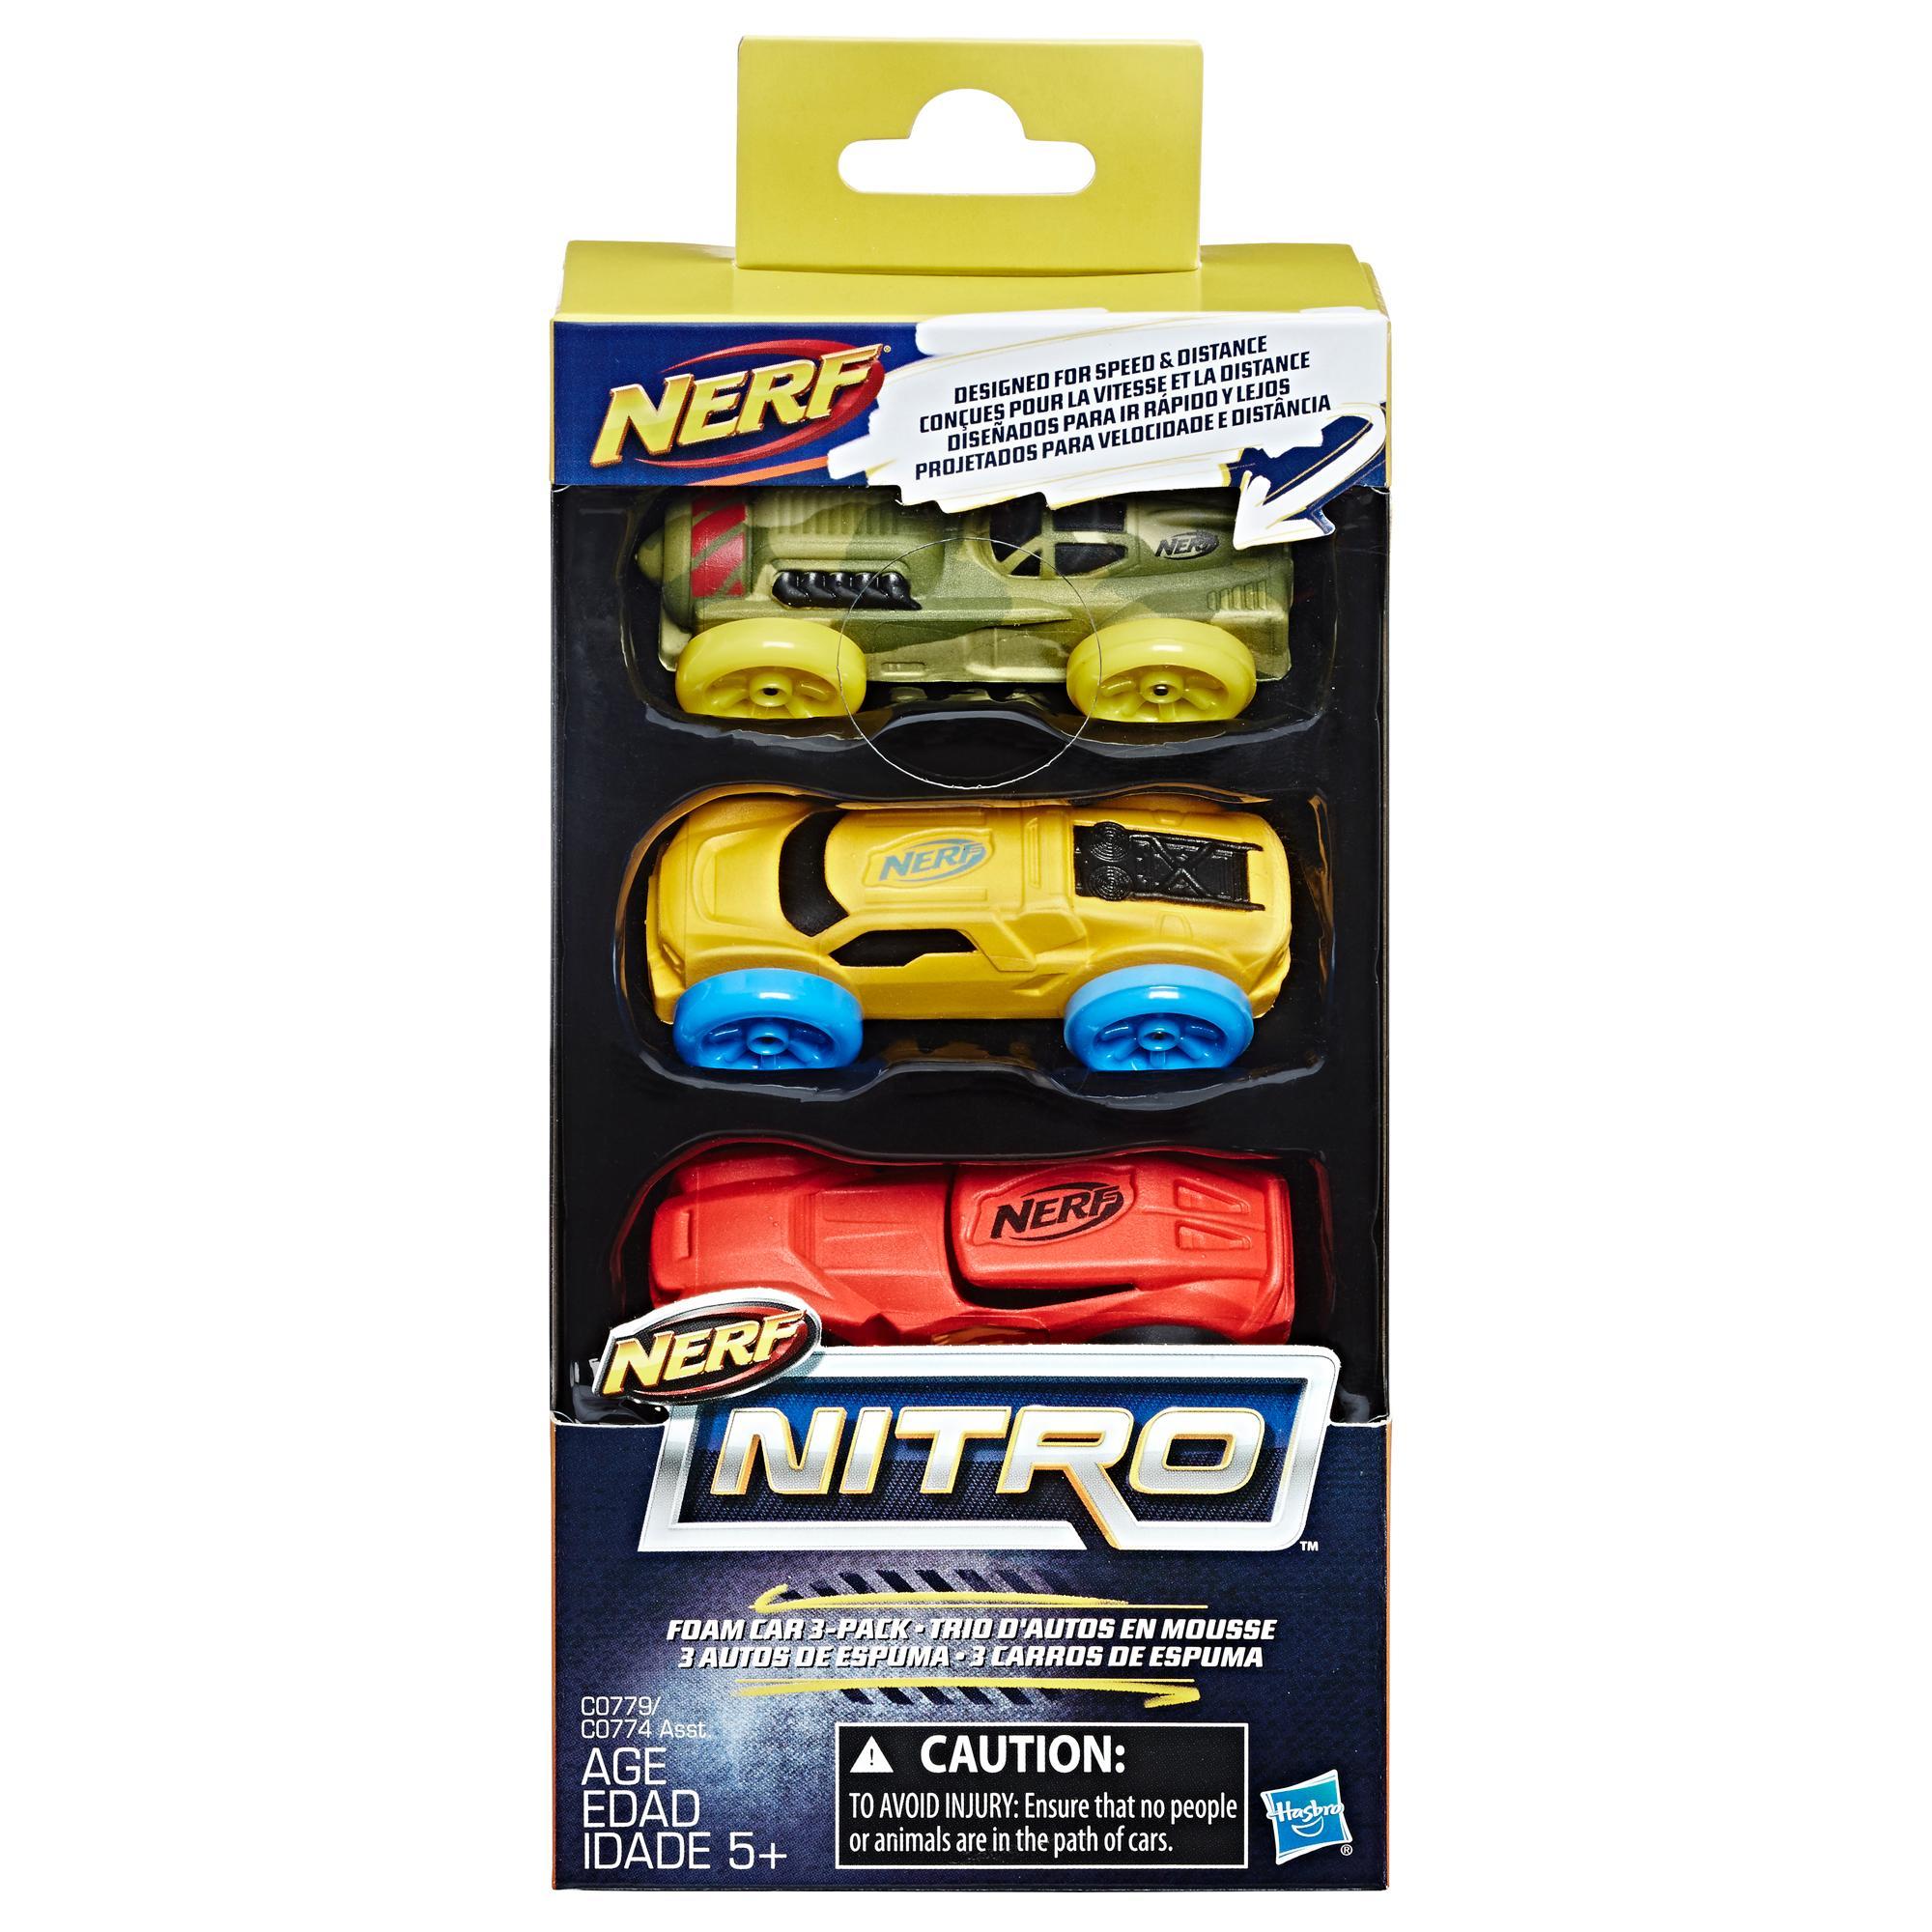 Nerf Nitro Araba 3'lü Yedek Paket (Sarı/Yeşil/Kırmızı)